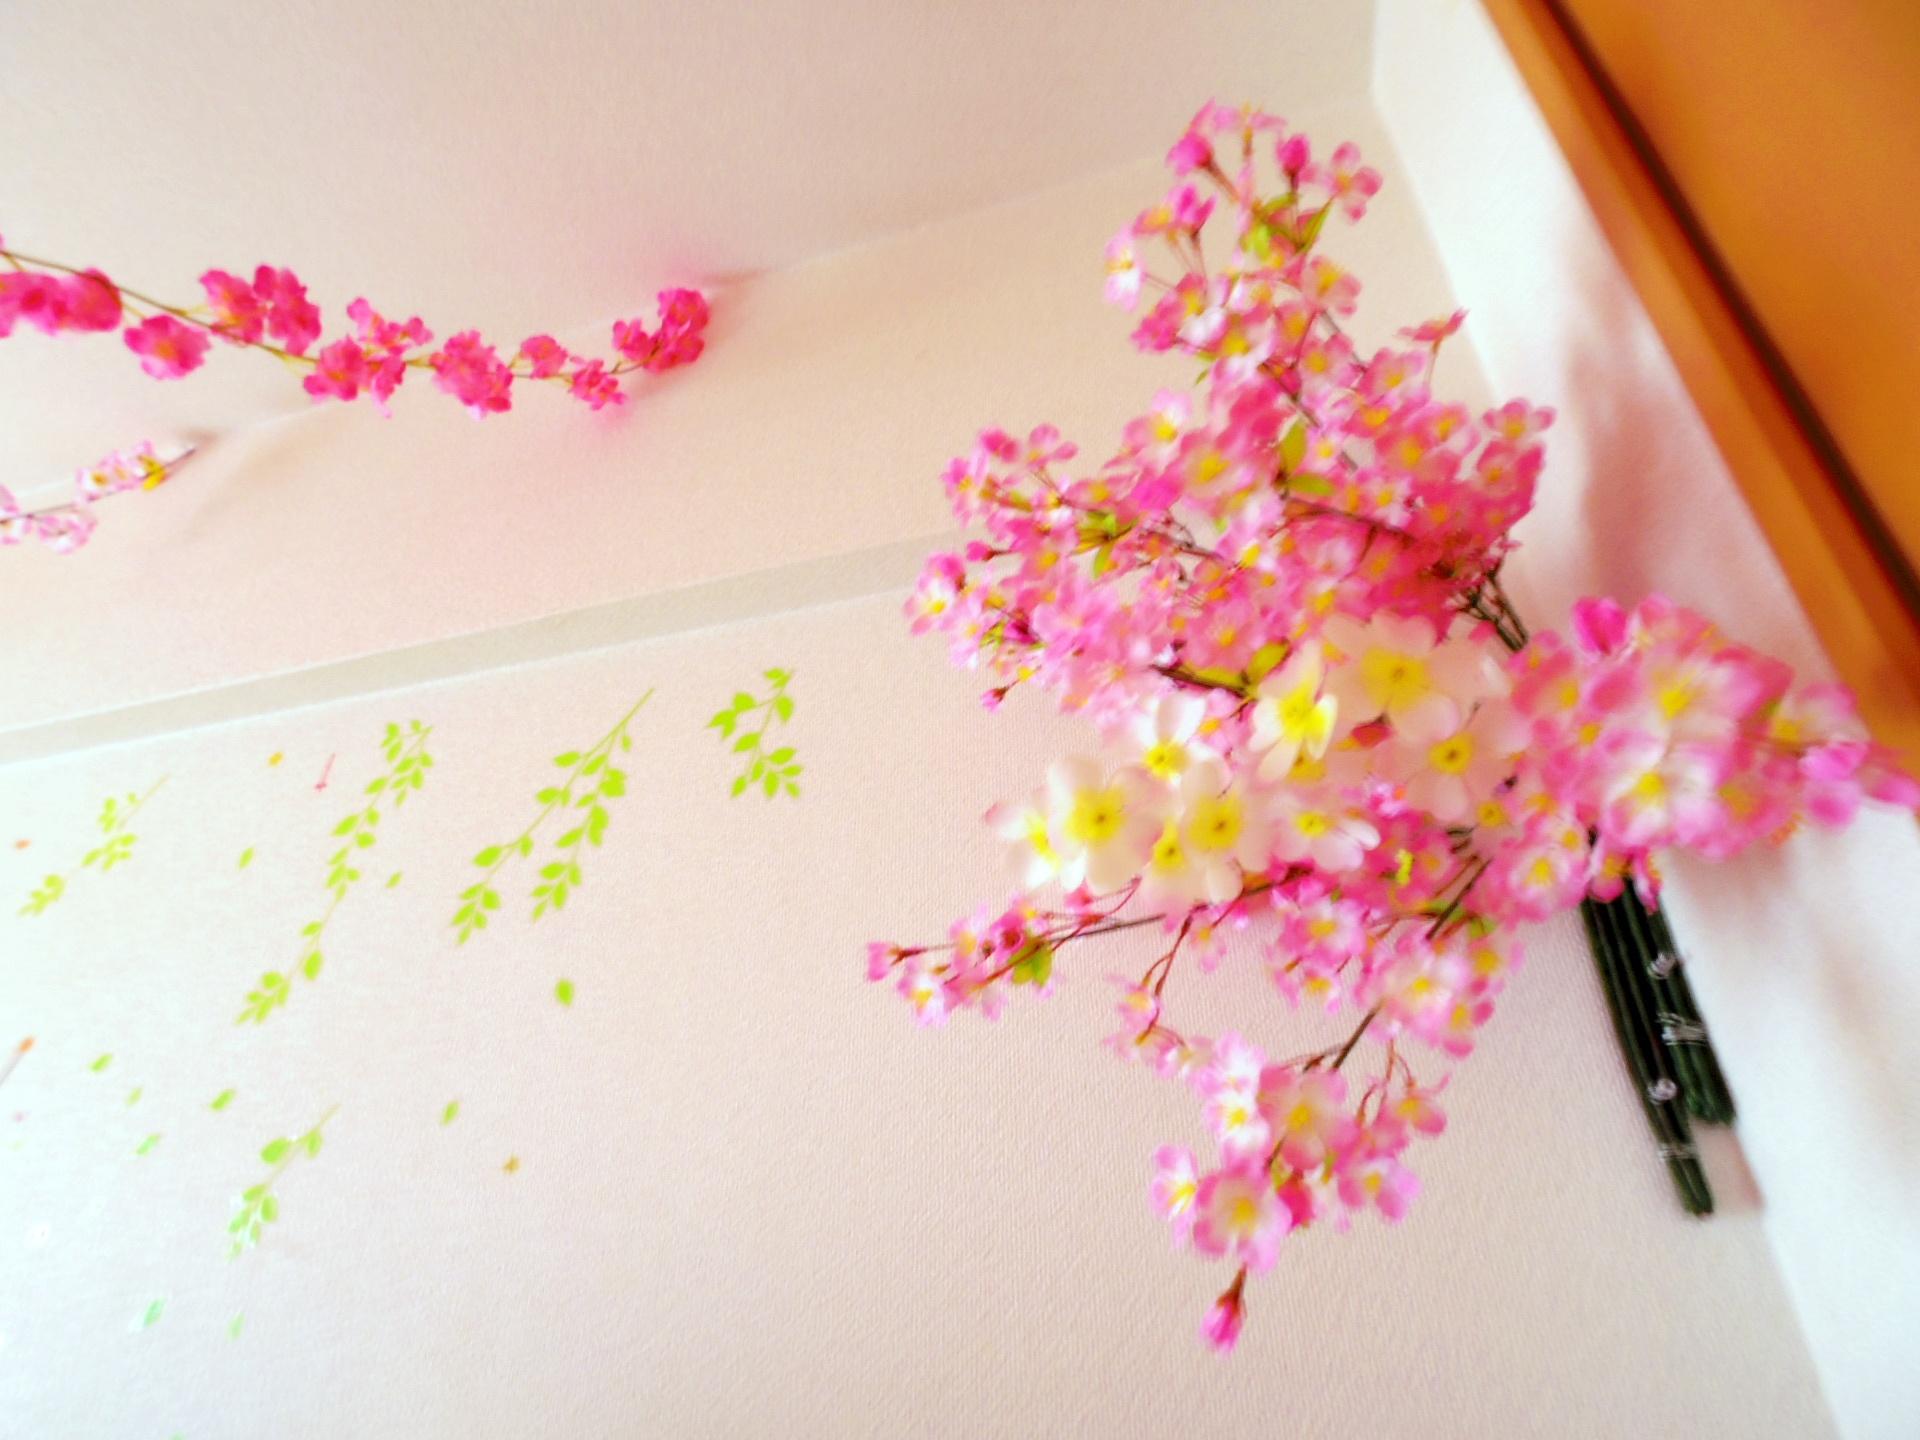 上野の森ピクニック パーティースペースの室内の写真